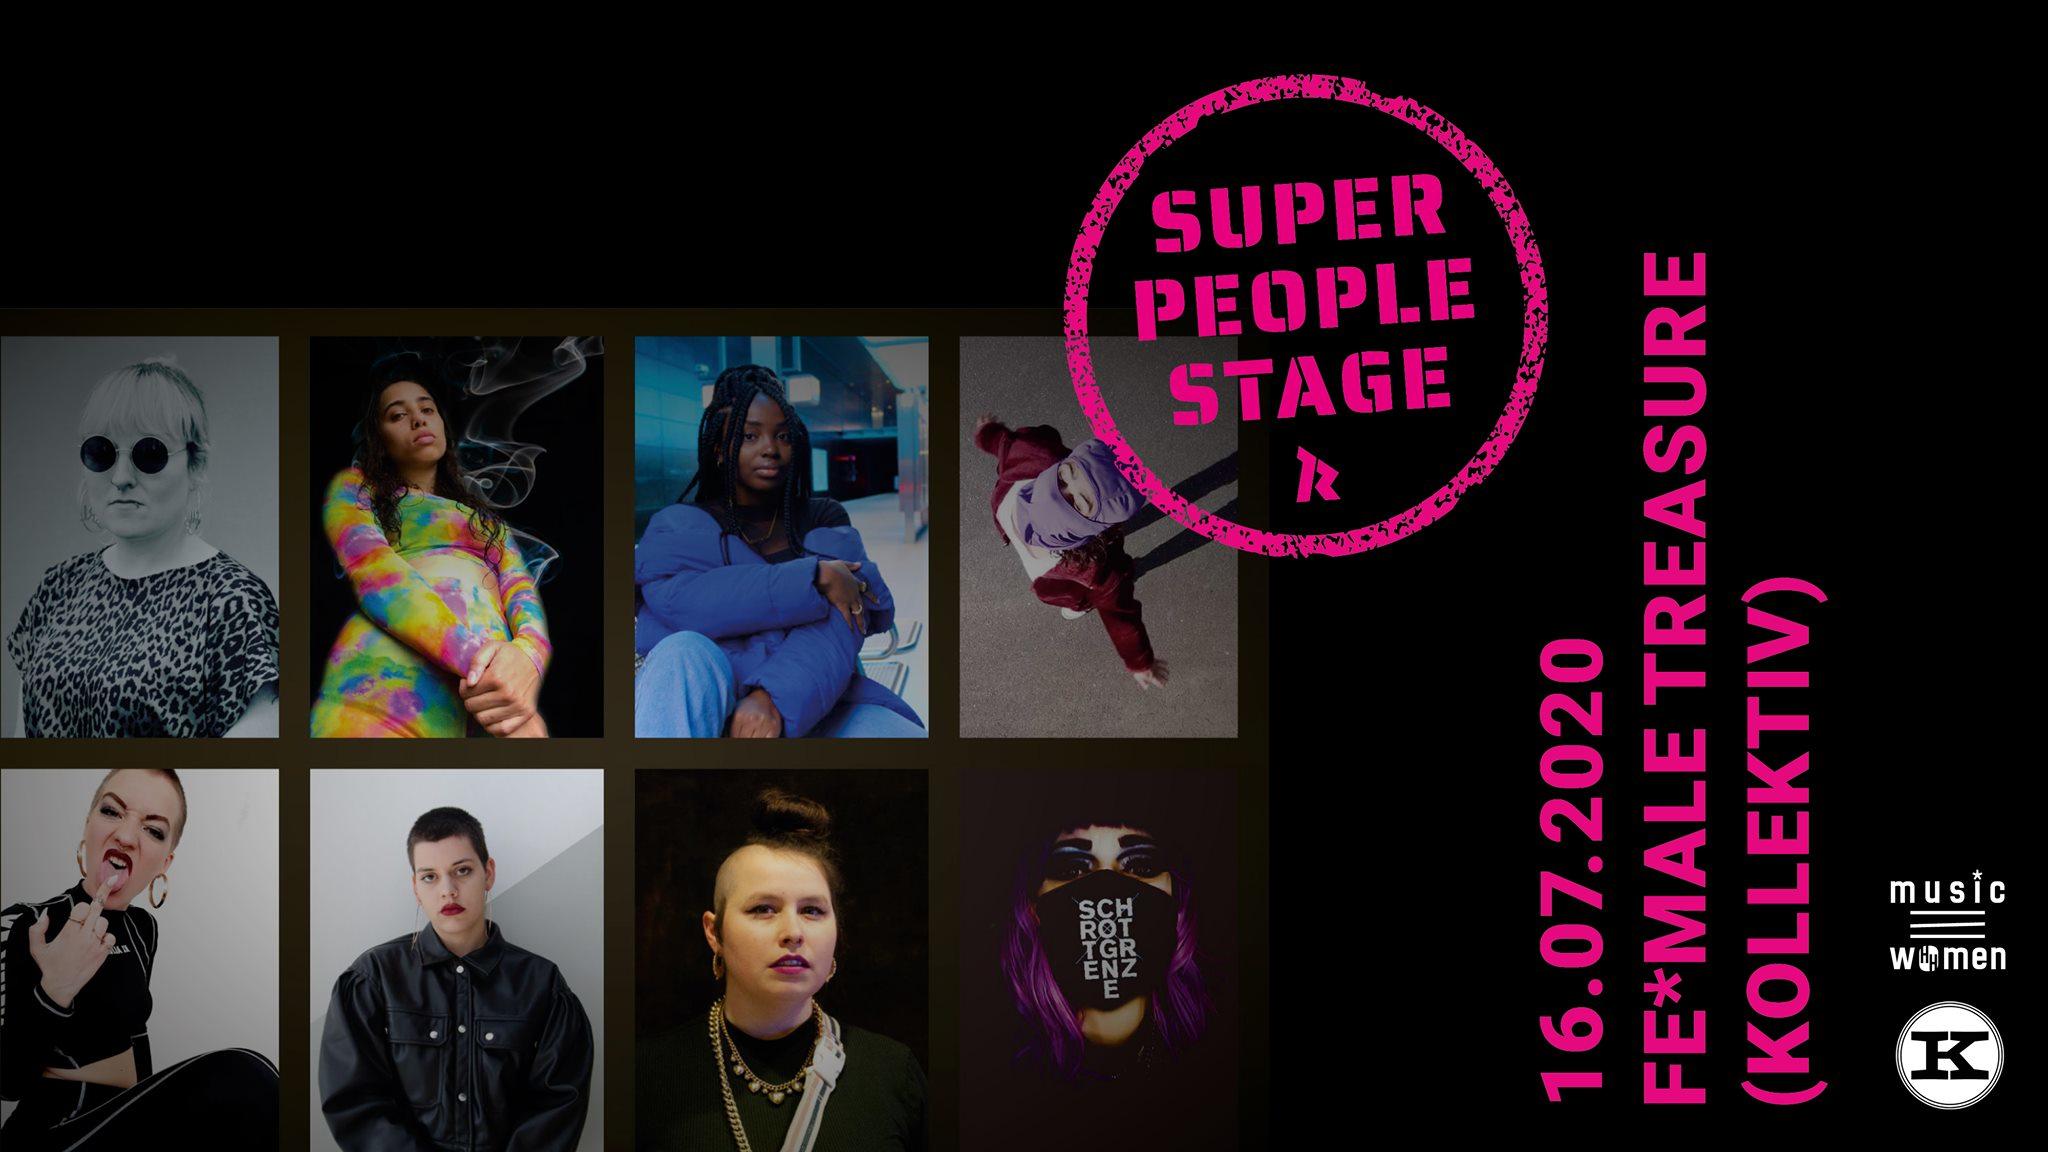 Die musicHHwomen präsentieren: SUPER PEOPLE STAGE beim Knust!